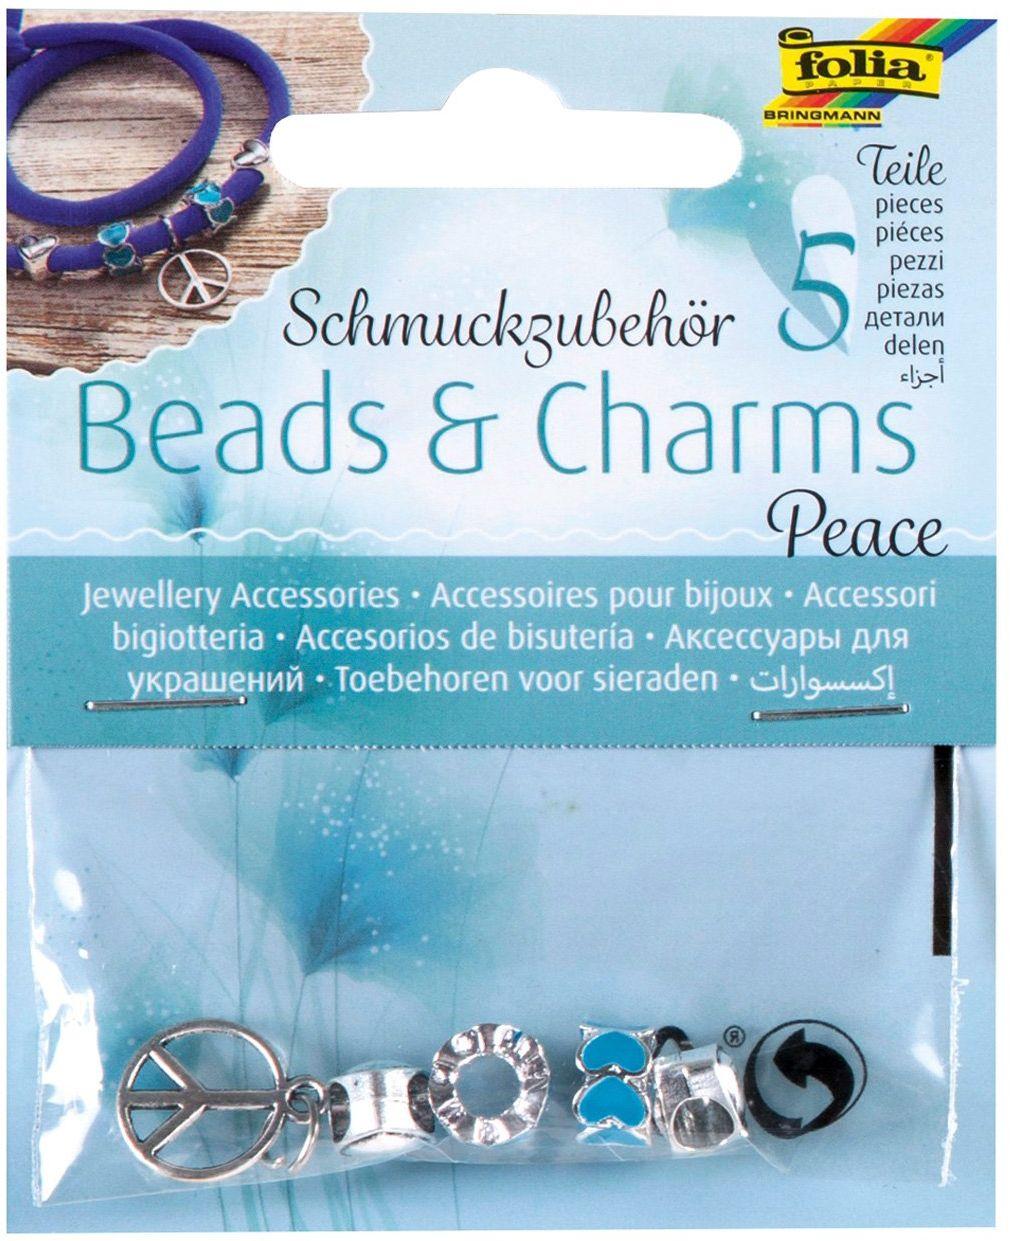 """folia 2242 - Akcesoria do biżuterii Beads & Charms """"Peace"""", 5 sztuk posortowanych - do tworzenia modnych bransoletek"""